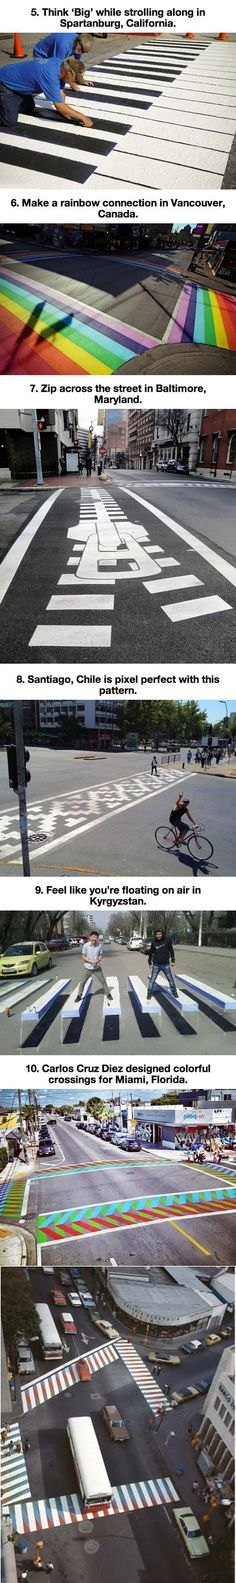 Crosswalk artwork